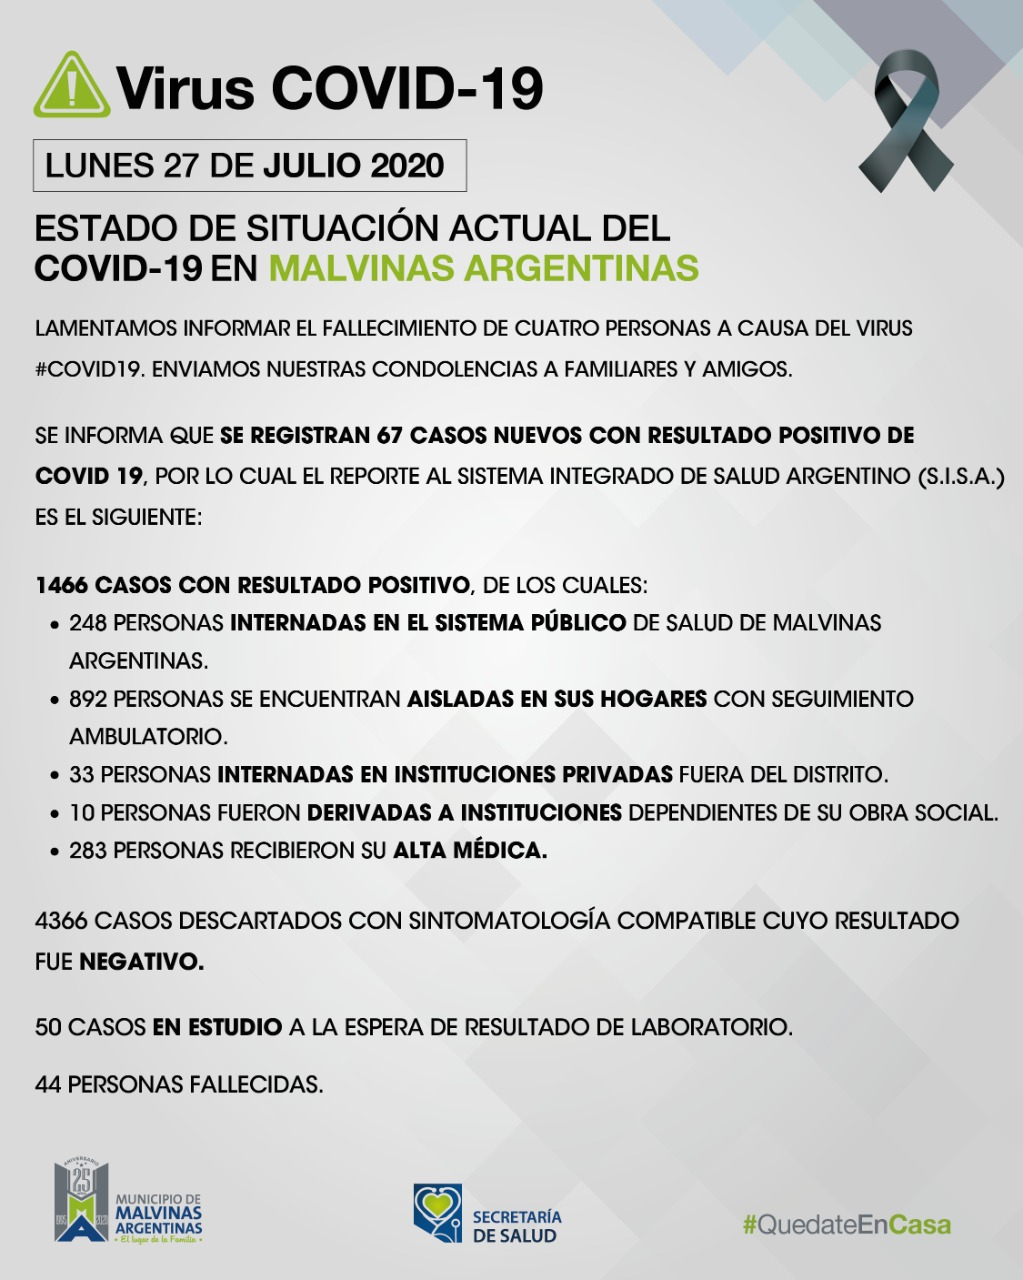 Malvinas Argentinas: Tres fallecidos, 68 nuevos casos, 273 personas de alta. Covid_55